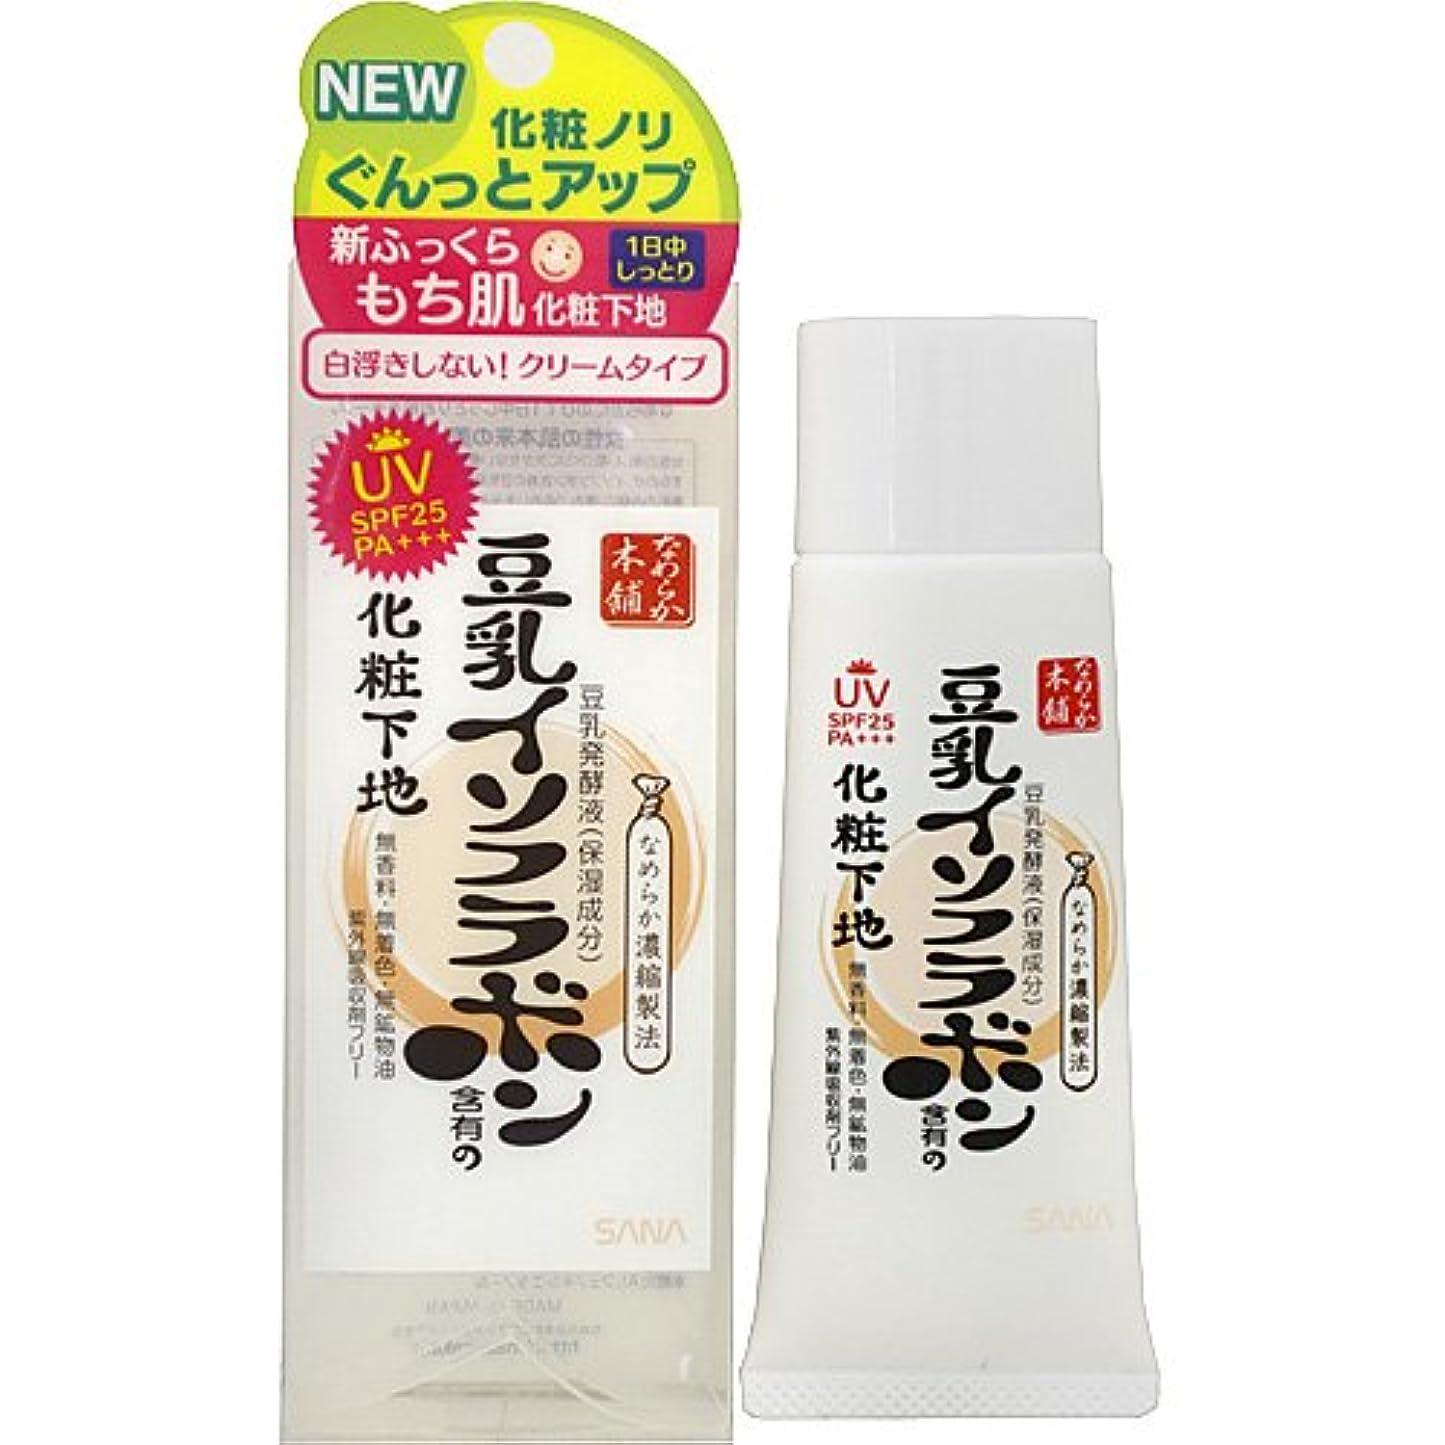 暴動レルム深めるサナ なめらか本舗 豆乳イソフラボン含有のUV化粧下地N 40g x 3